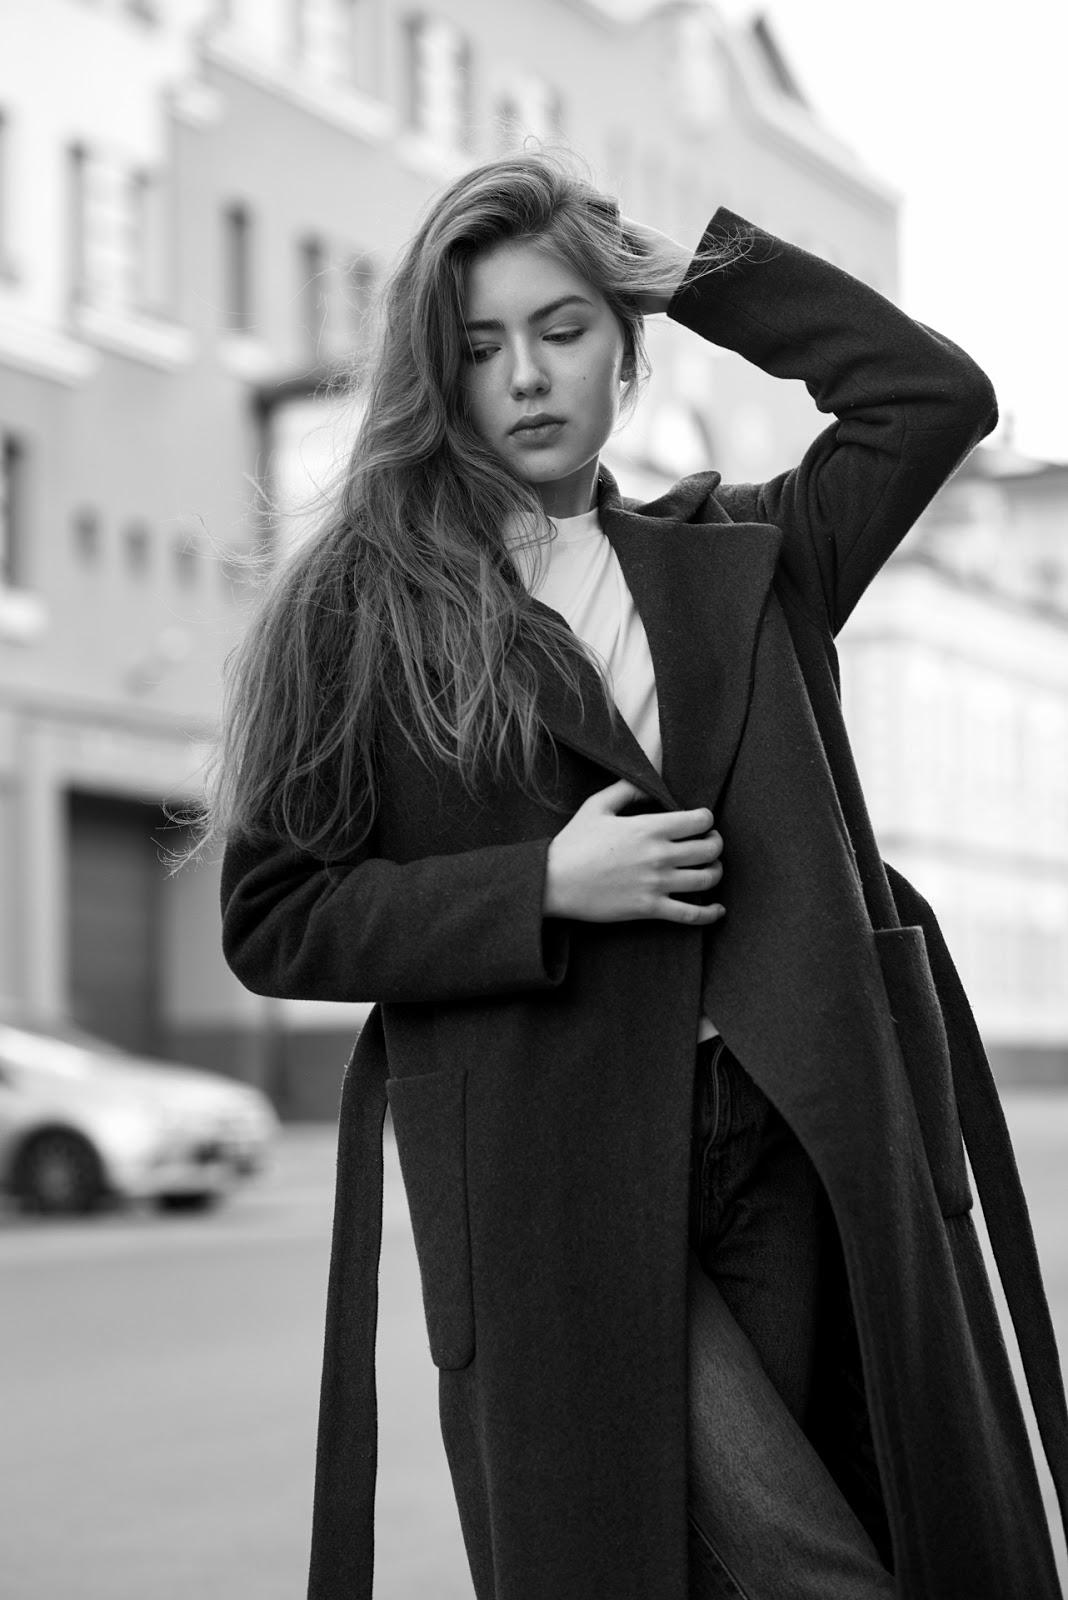 Черно-белый фотопортрет в городе